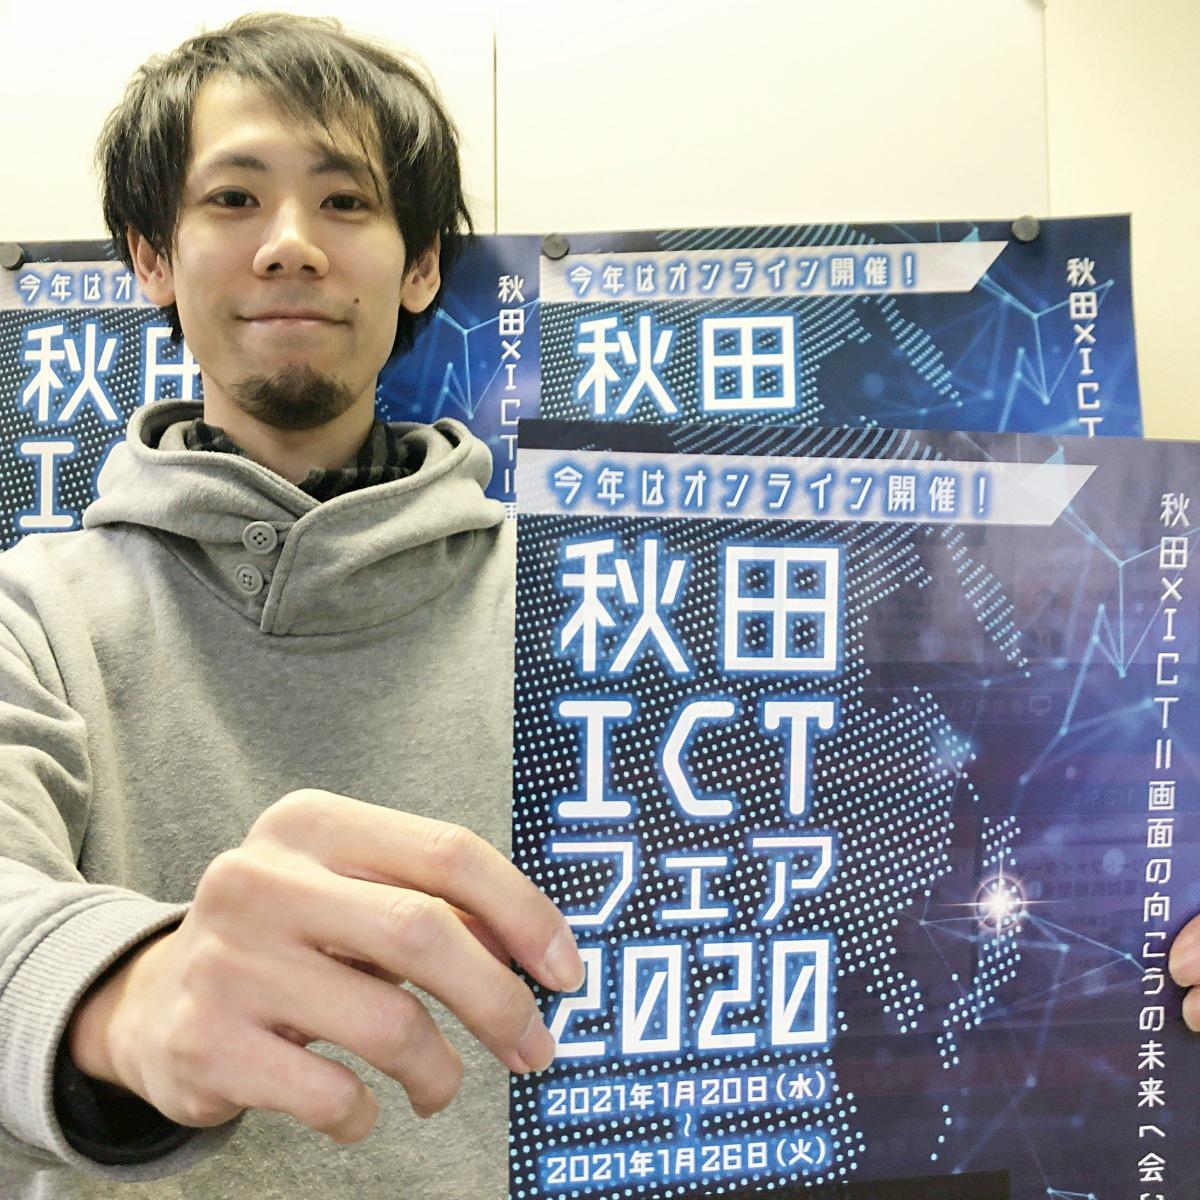 「秋田ICTフェア2020」の利用を呼び掛けるイベント担当者